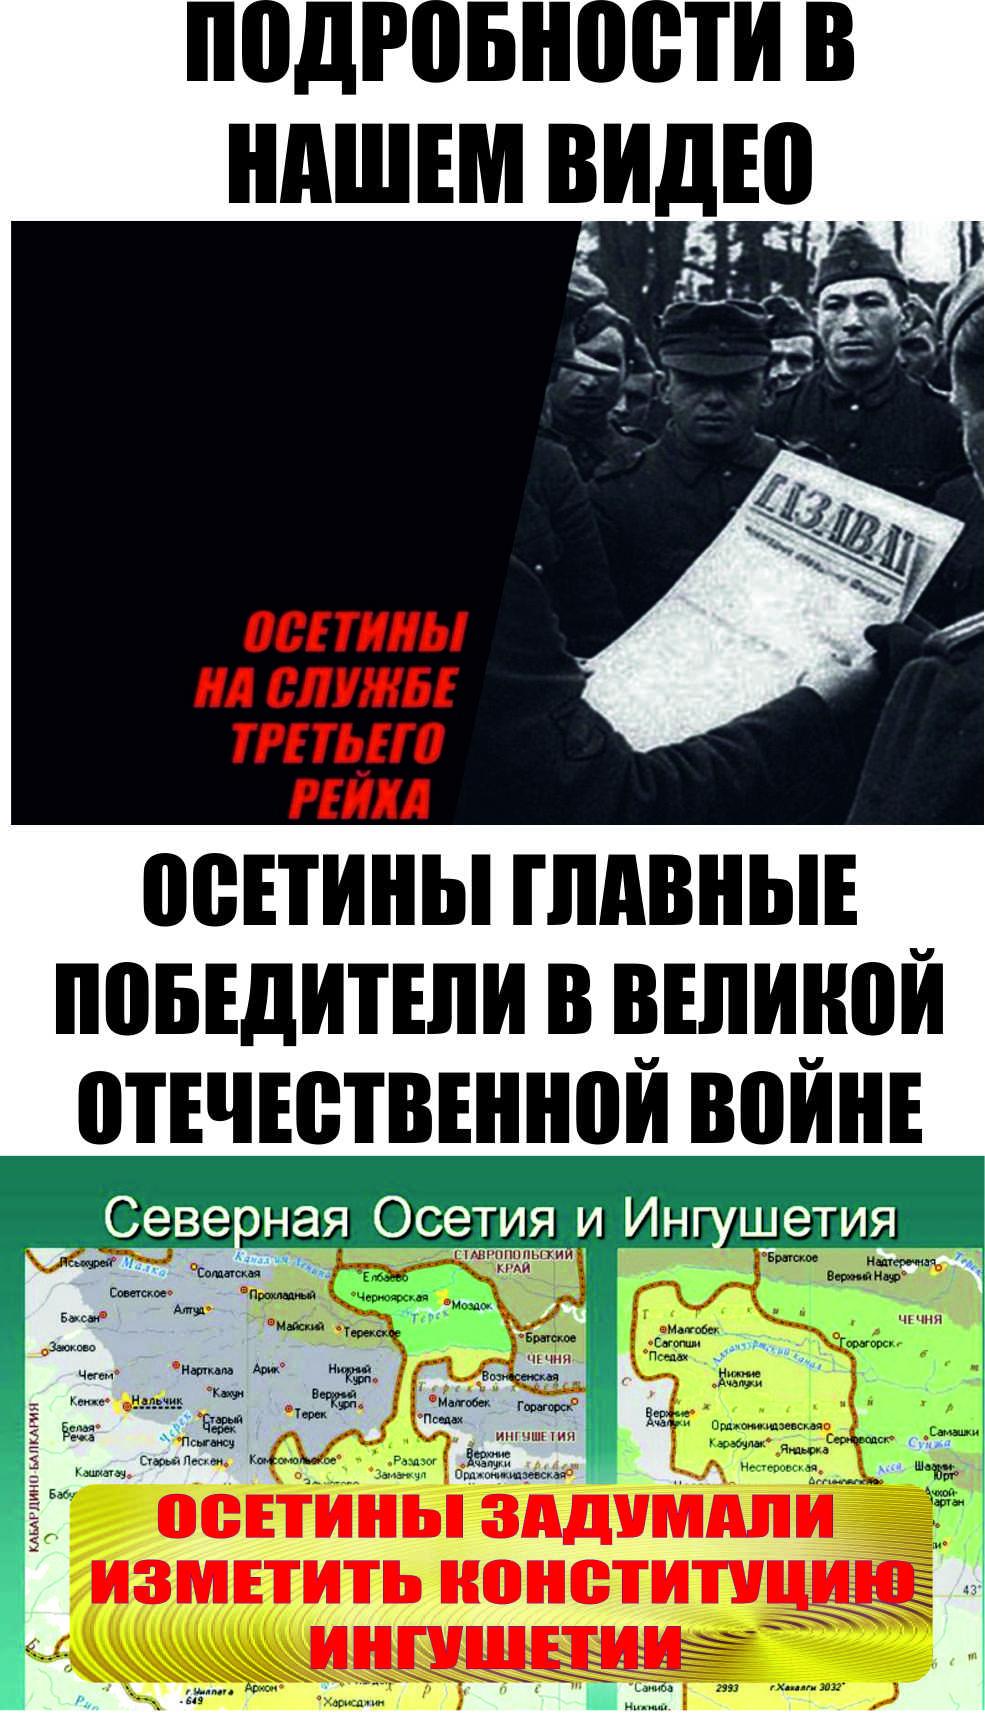 Актуальные новости Ингушетии сегодня граница Северная Осетия и Пригородный район https://www.youtube.com/watch?v=wsvF1WdhoYk